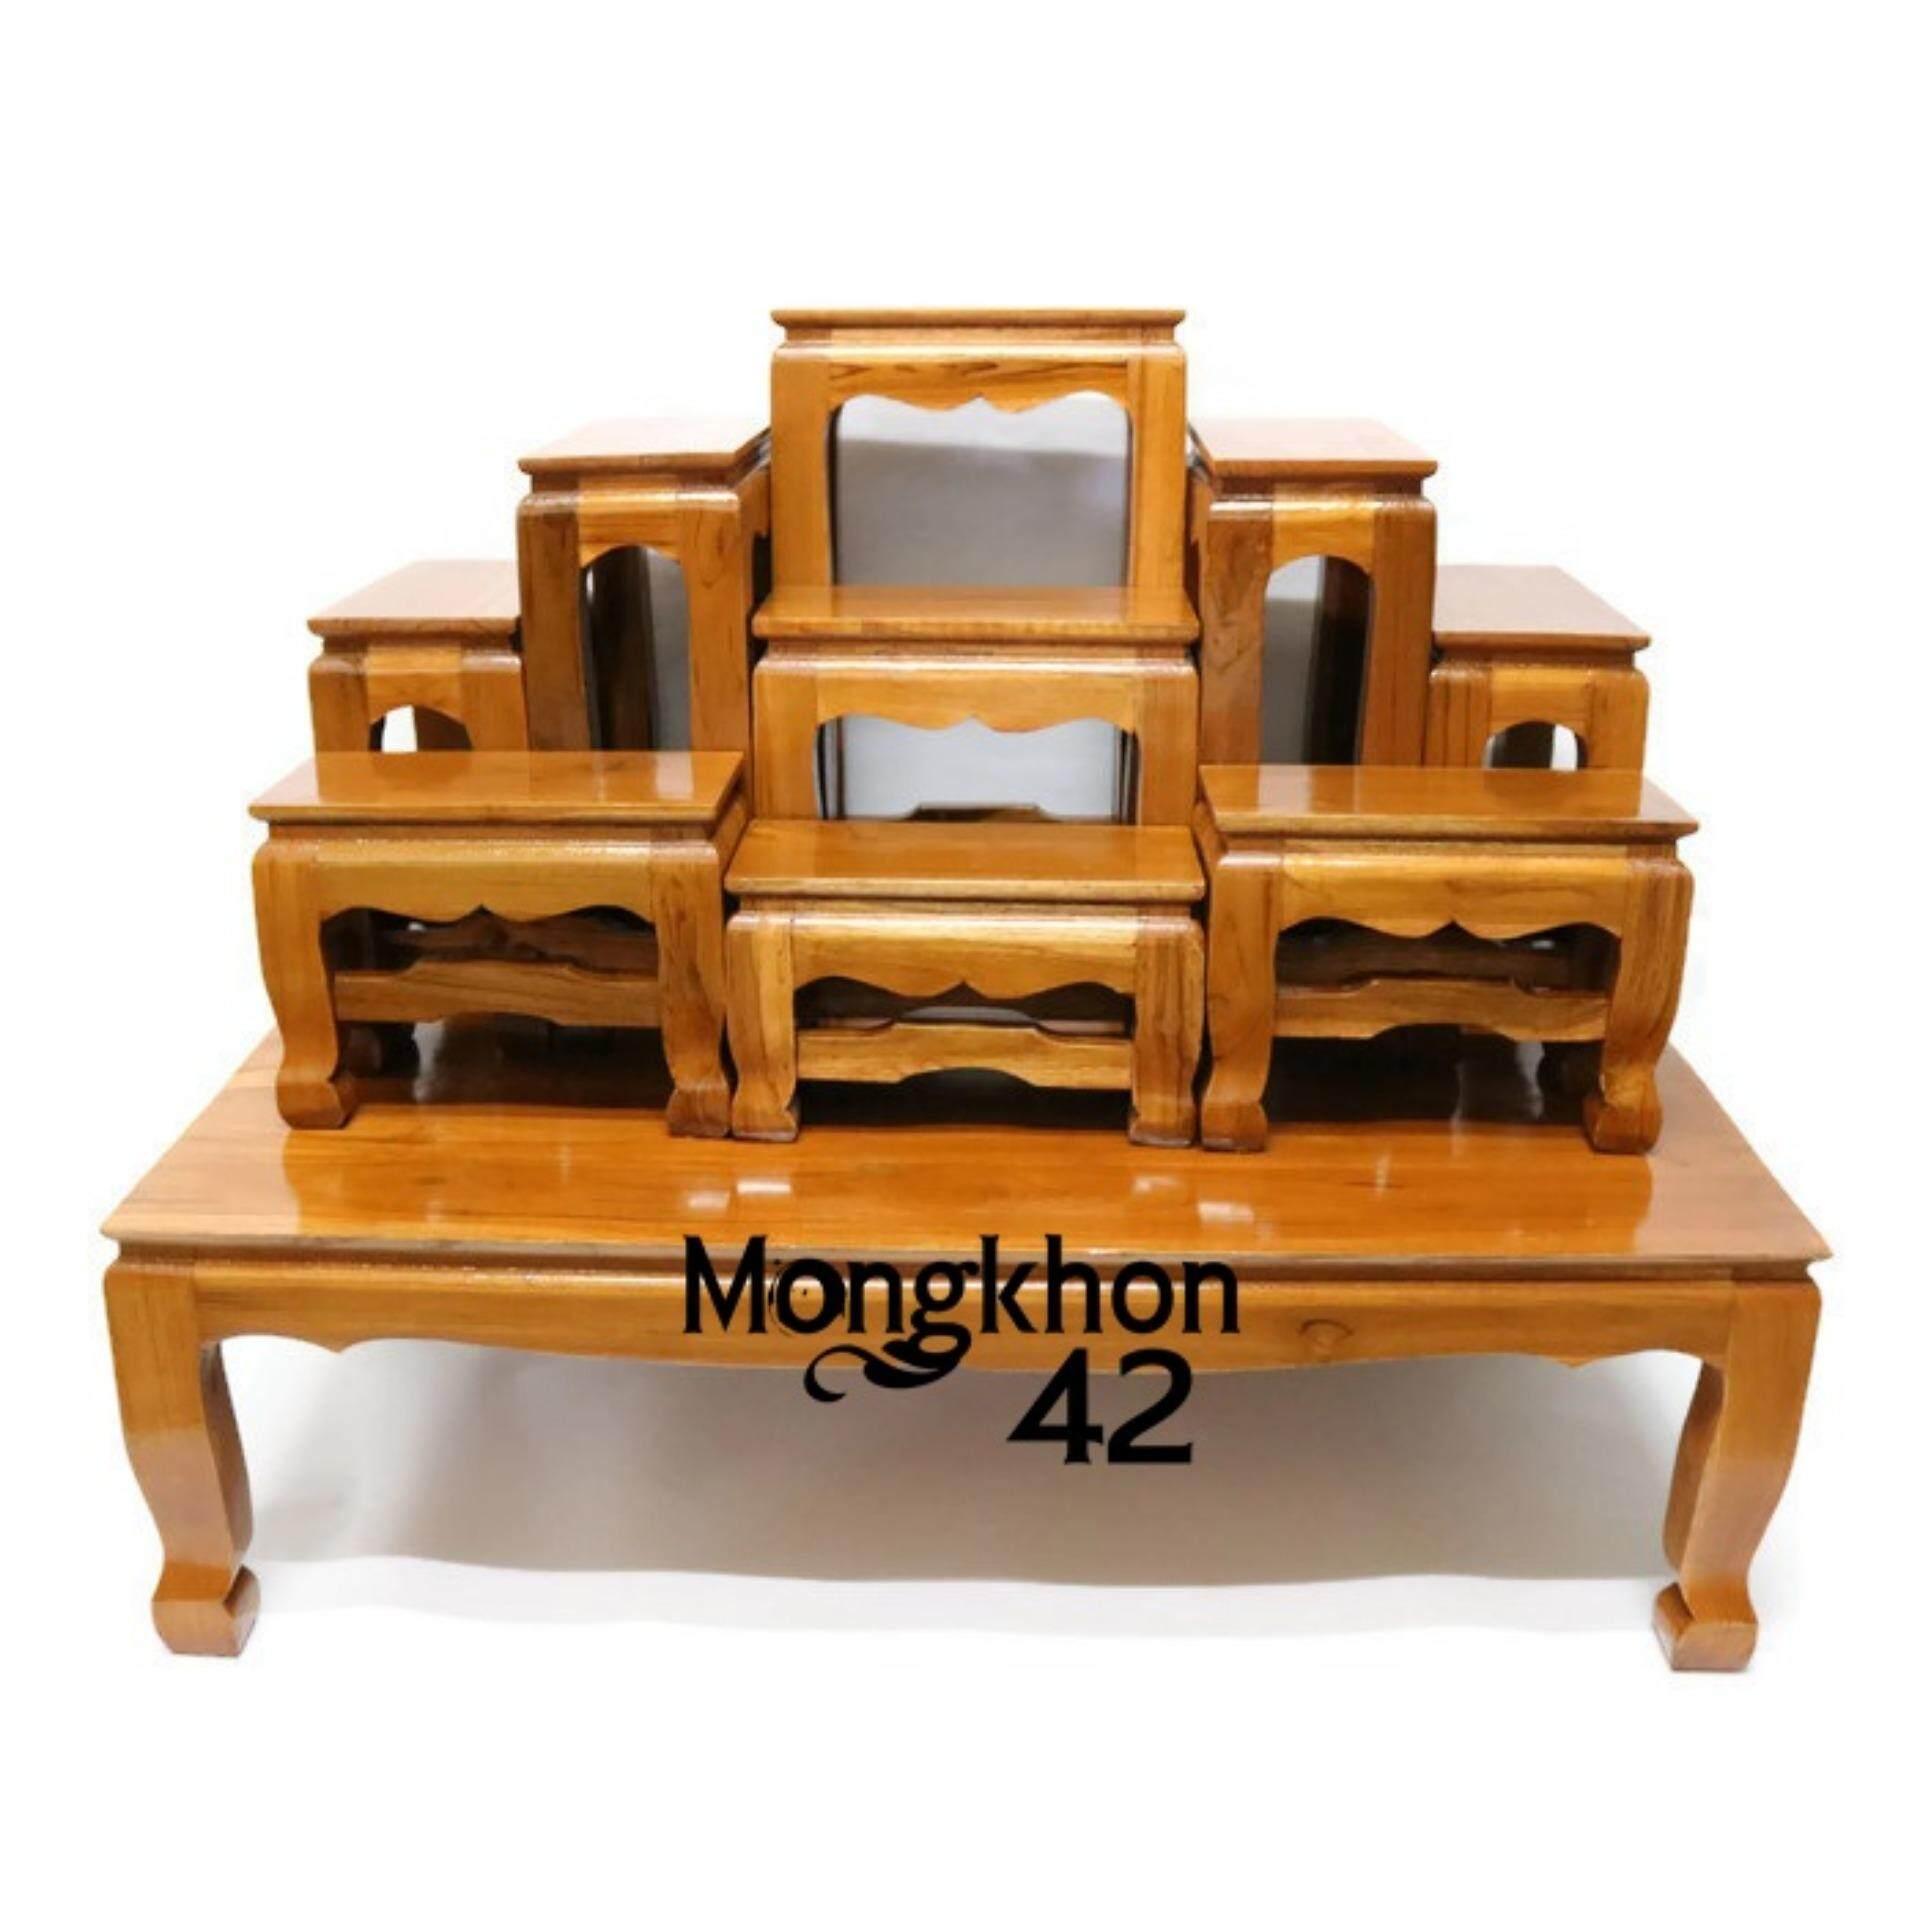 ซื้อ โต๊ะหมู่บูชาพระ ไม้สักทอง หมู่ 9 หน้า 5 สีย้อม ถูก ใน กรุงเทพมหานคร